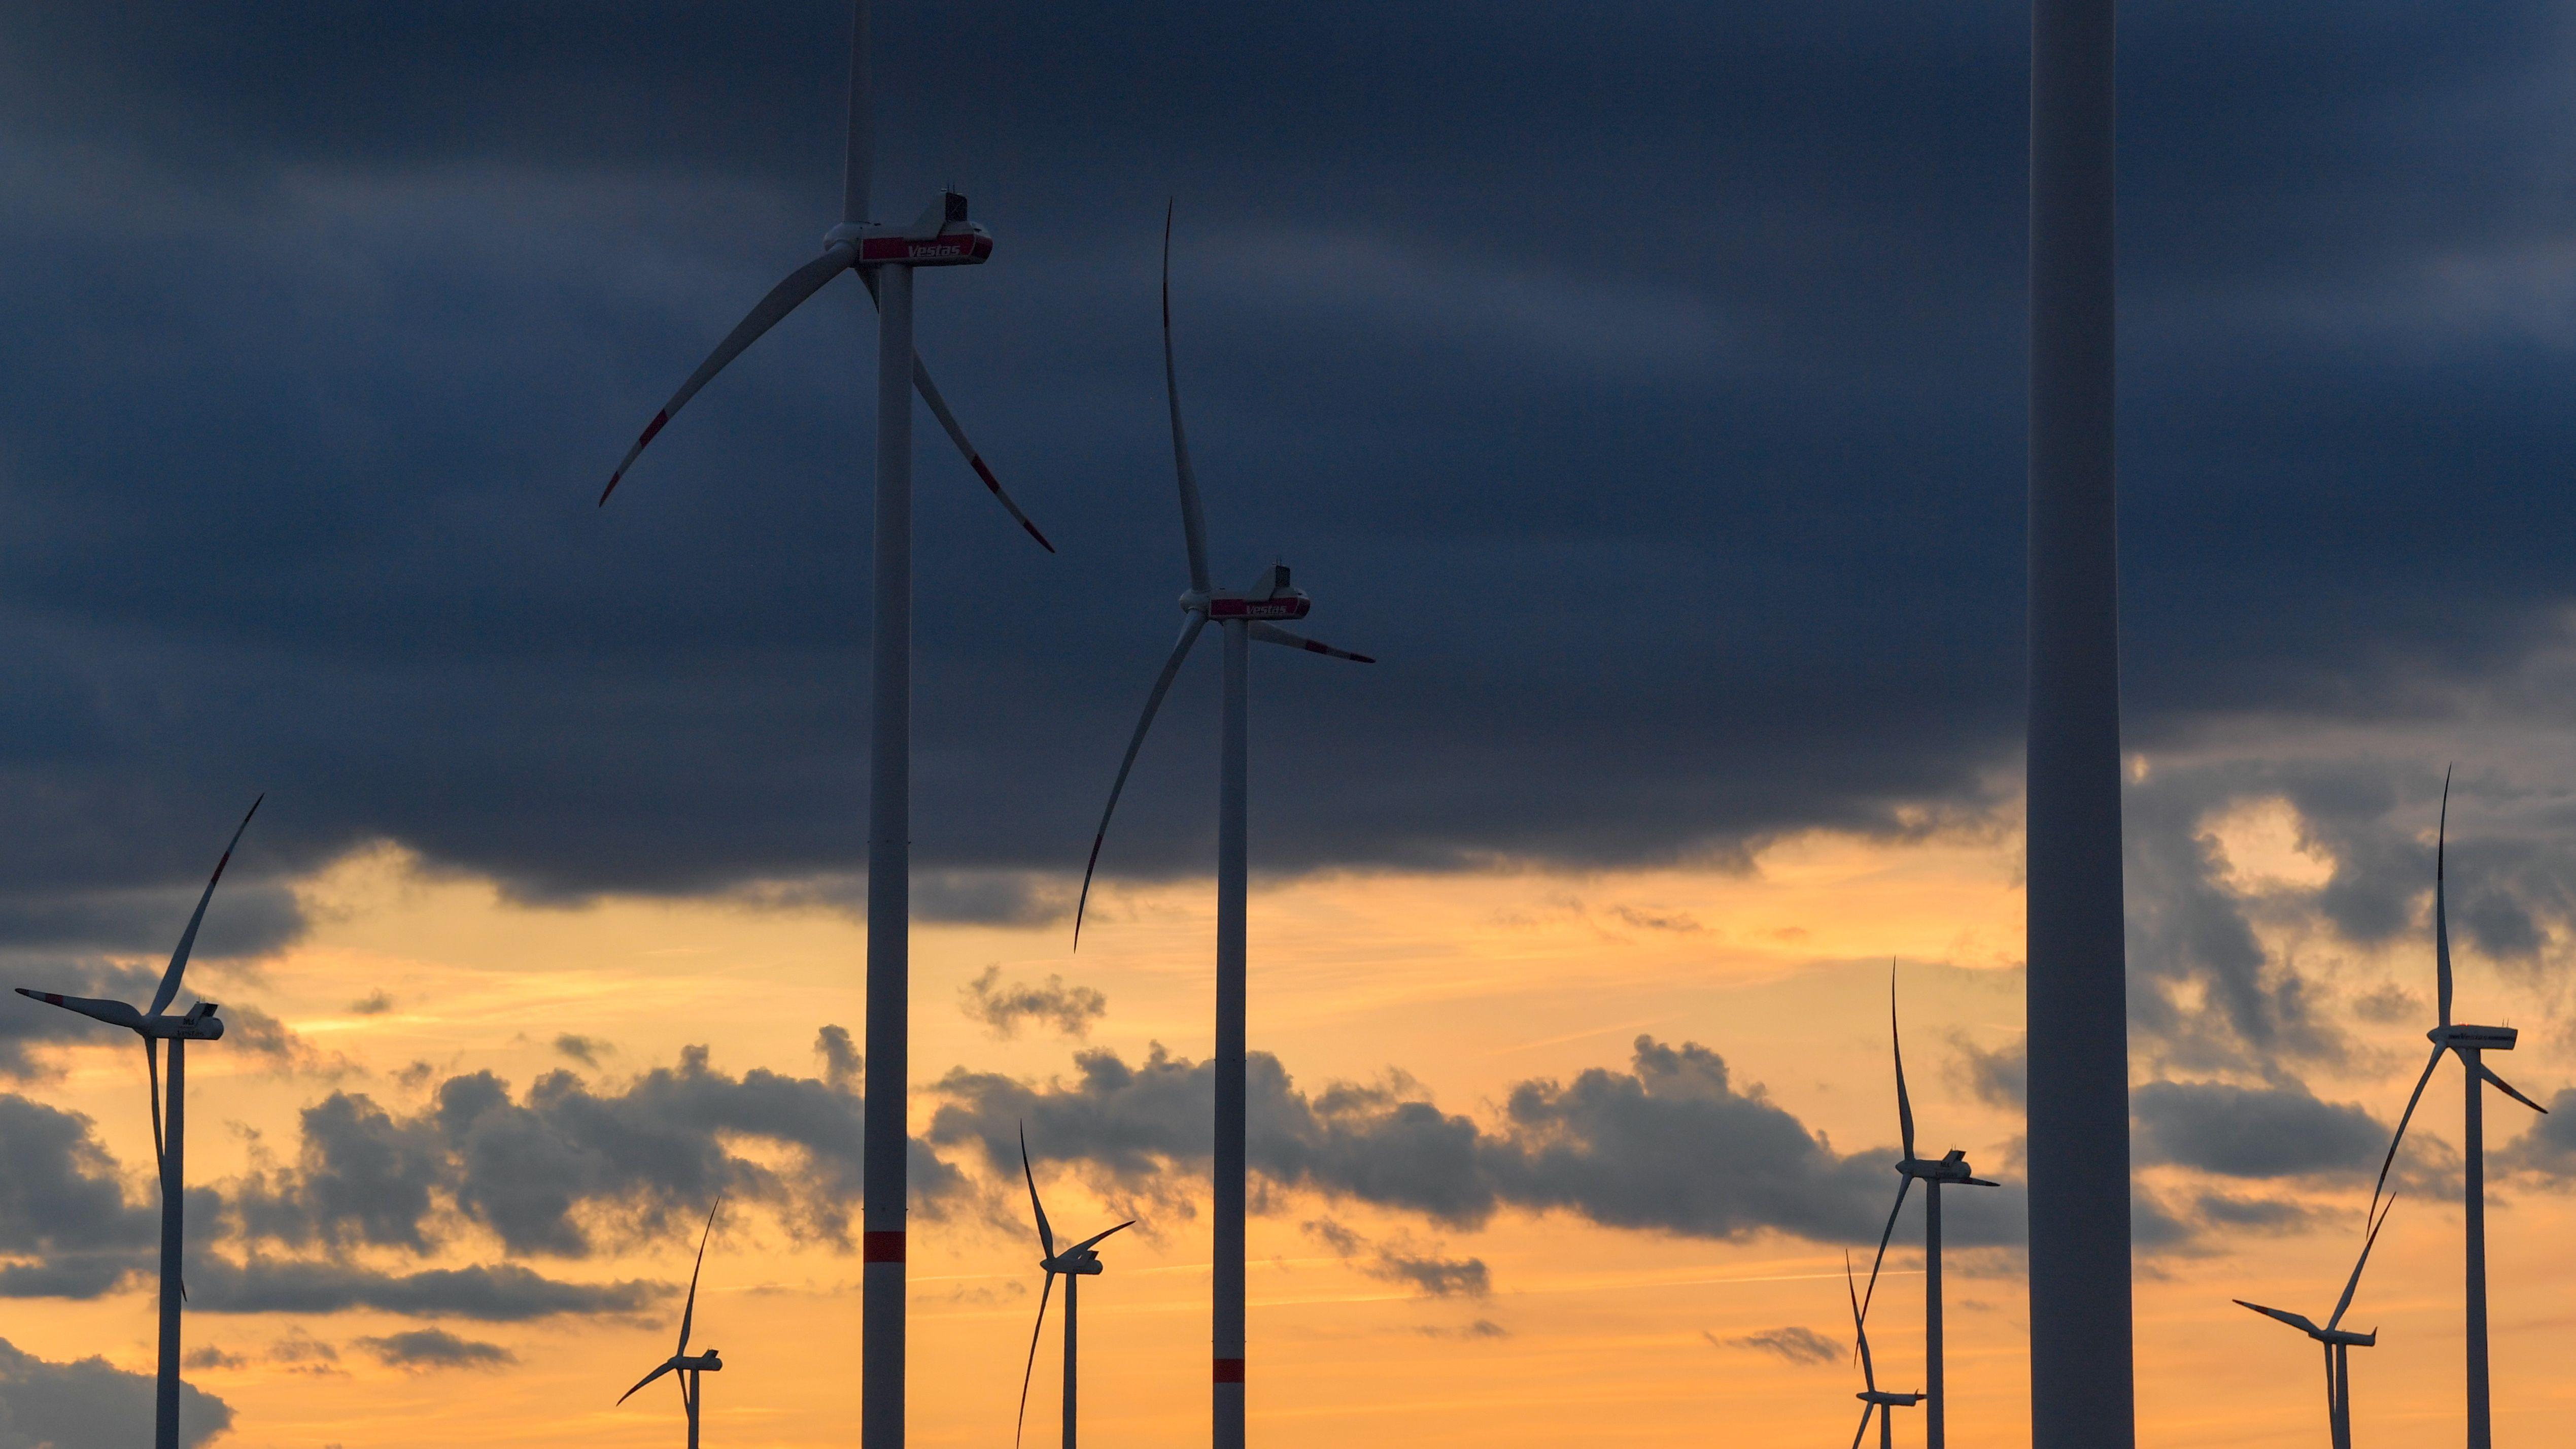 Die erneute Drohpost gegen die Hauzenberger Bürgermeisterin enthält auch dieses Mal wieder einen Zusammenhang zum geplanten Windpark